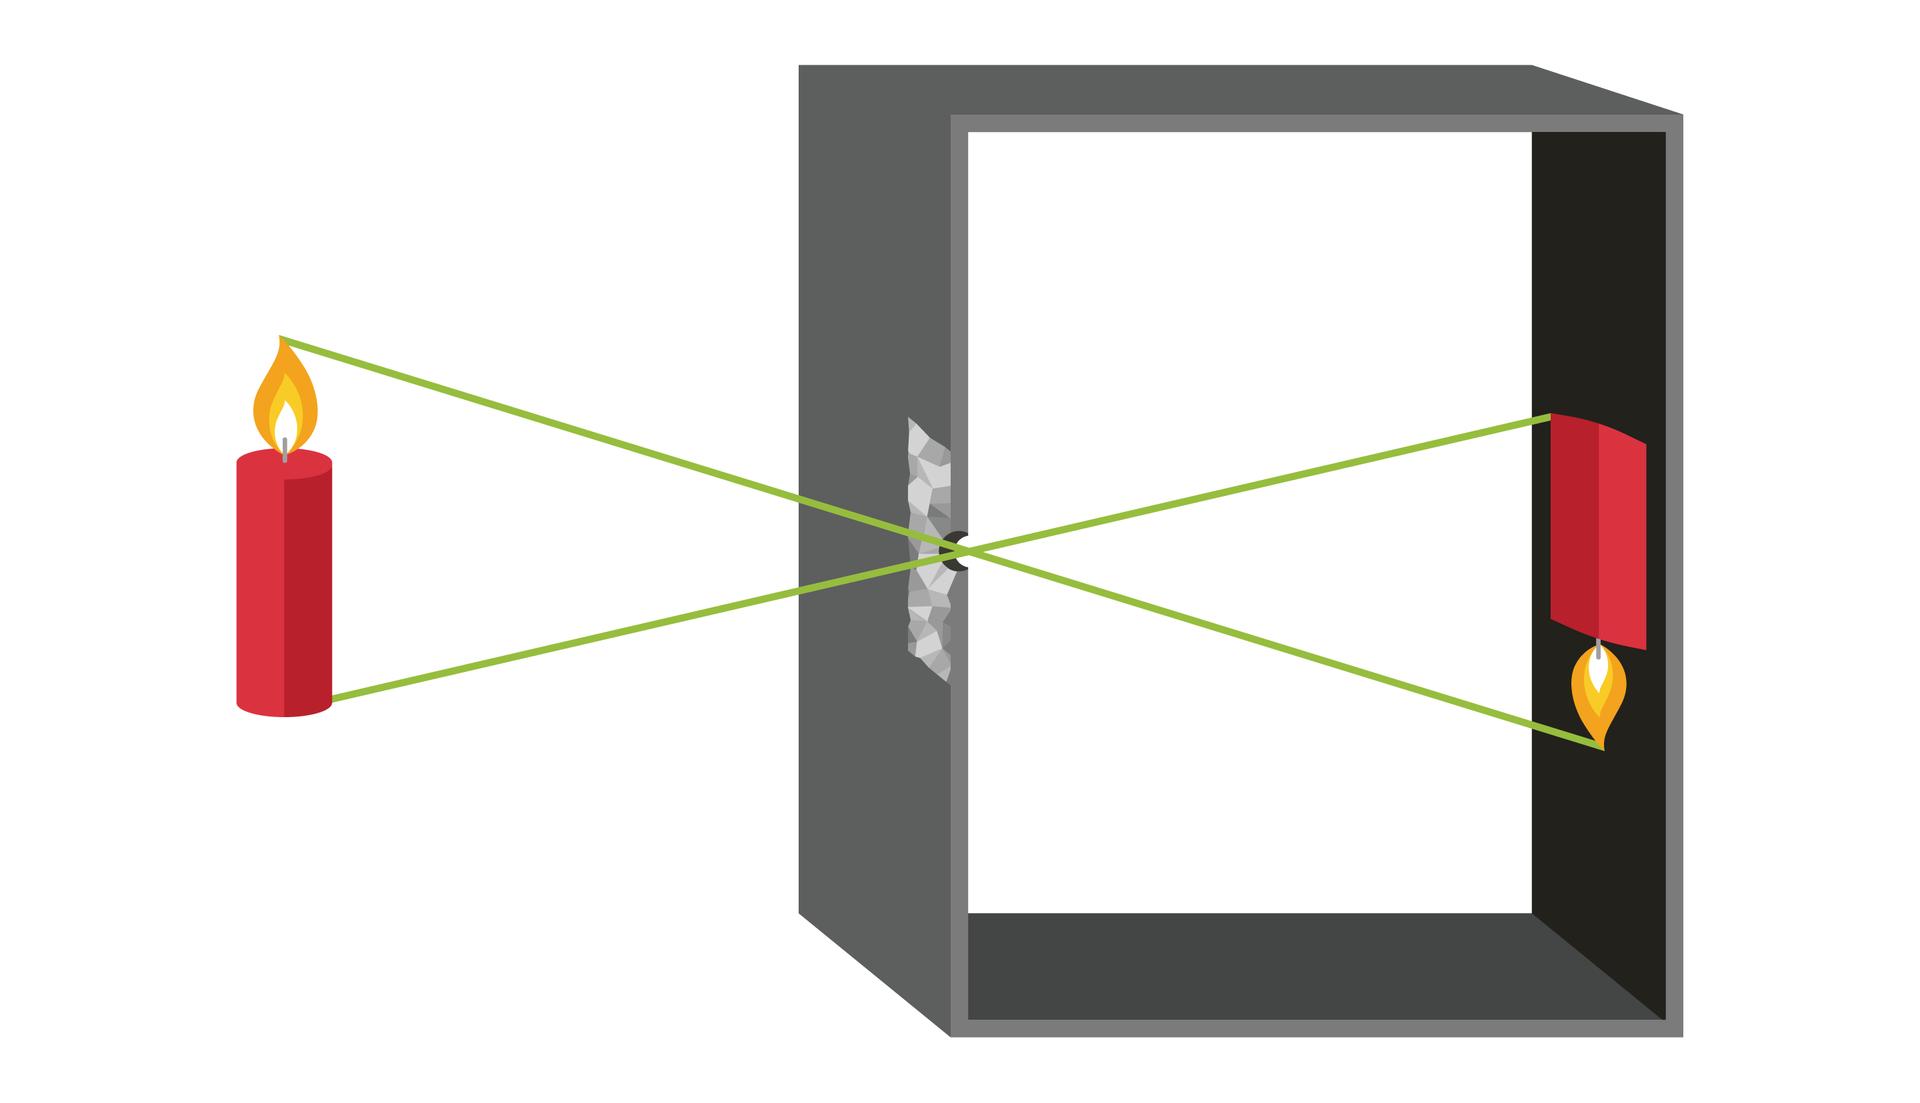 Ilustracja prezentuje wygląd idziałanie camera obscura. Na ilustracji widoczne ściany prostokątnego pudełka. Na zewnątrz pudełka po lewej stronnie znajduje się czerwona paląca się świeca. Od wierzchołków świecy poprowadzono zielone promienie światła, które krzyżują się wotworze znajdującym się wścianie pudełka. Promienie świetlne padają na tylną ciemna ścianę pudełka tworząc obraz odwróconej świecy.